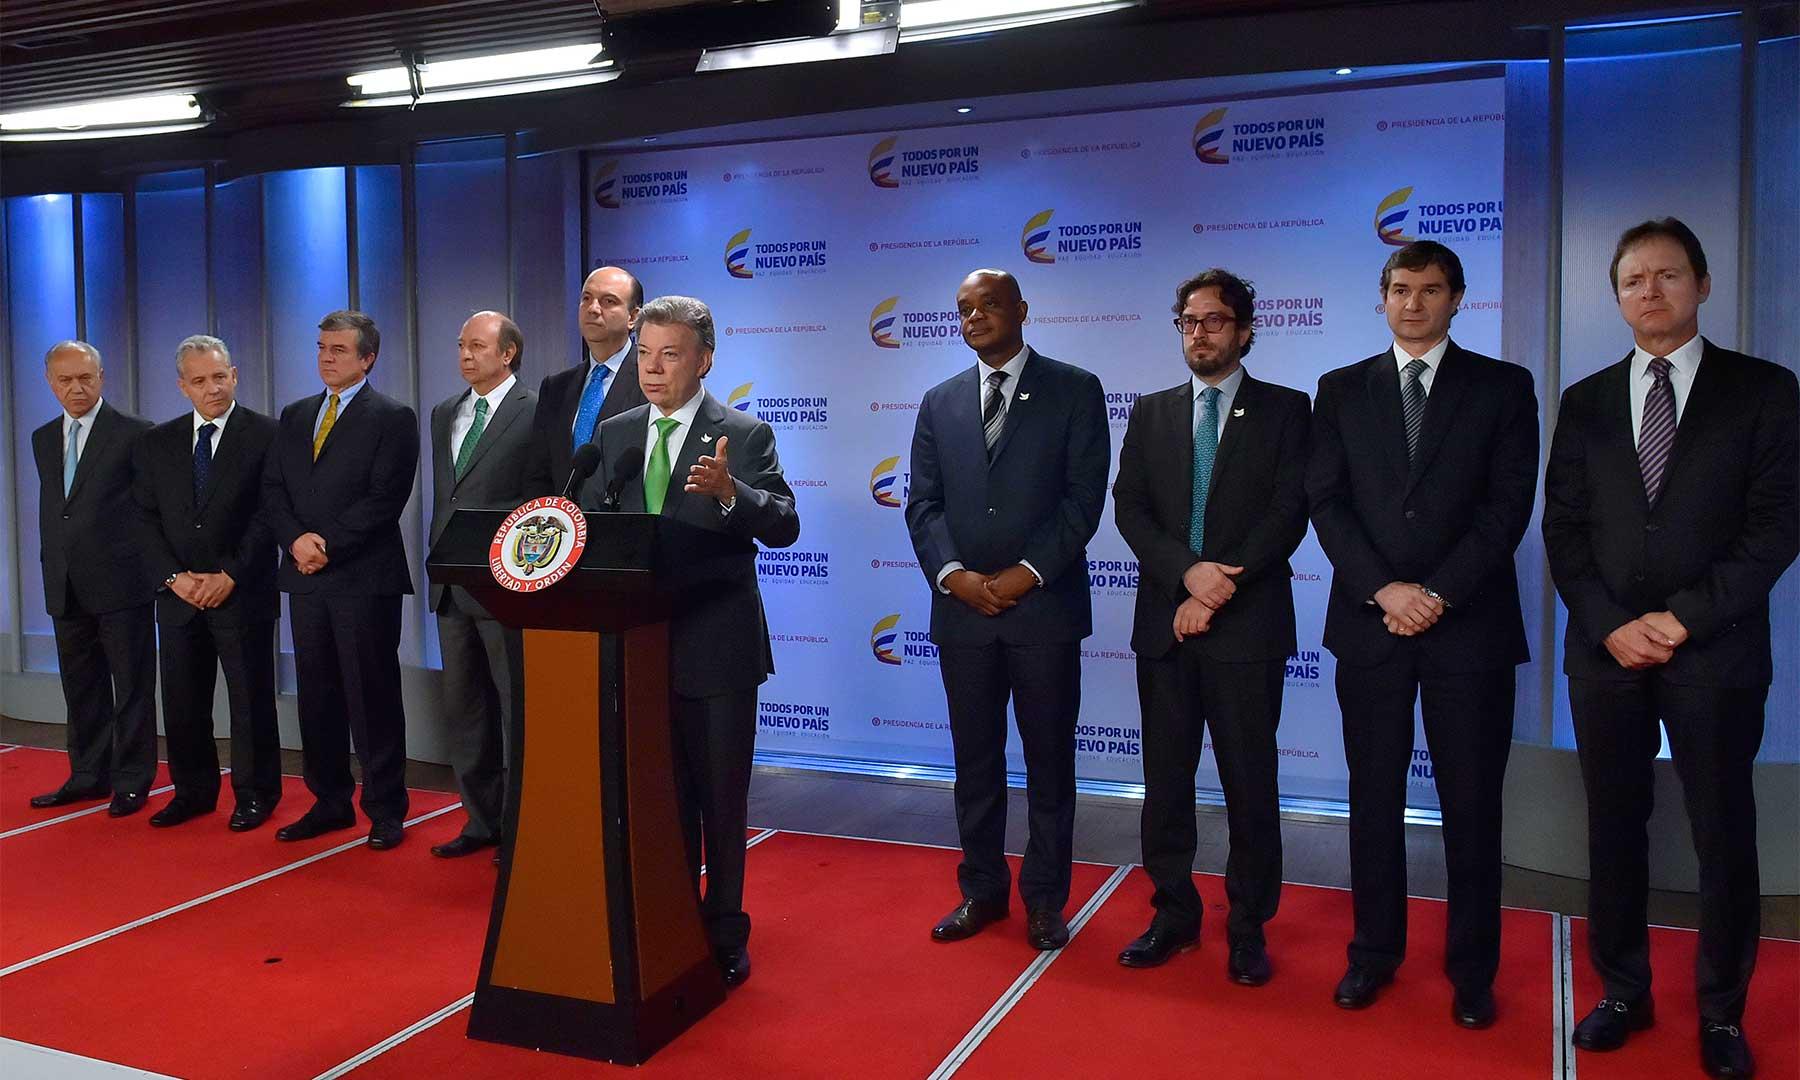 """En el lanzamiento de la campaña """"Reembólsale al Planeta"""", el Presidente Santos, el Ministerio de Ambiente y las grandes cadenas de almacenes pidieron reducir al máximo el uso de bolsas plásticas."""